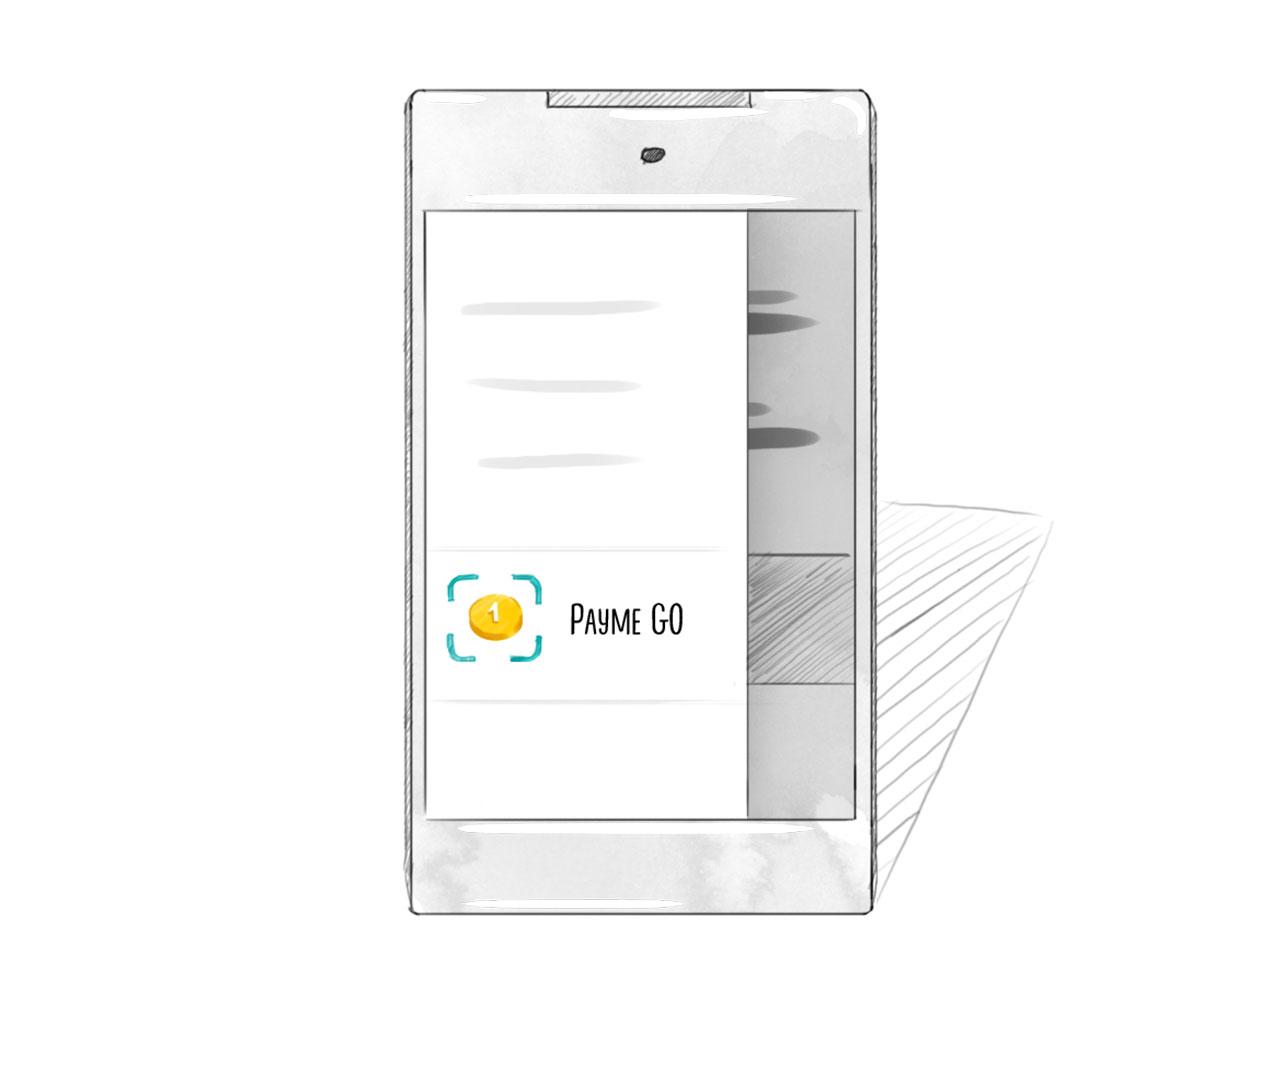 Откройте меню в приложении Payme и выберите Payme GO